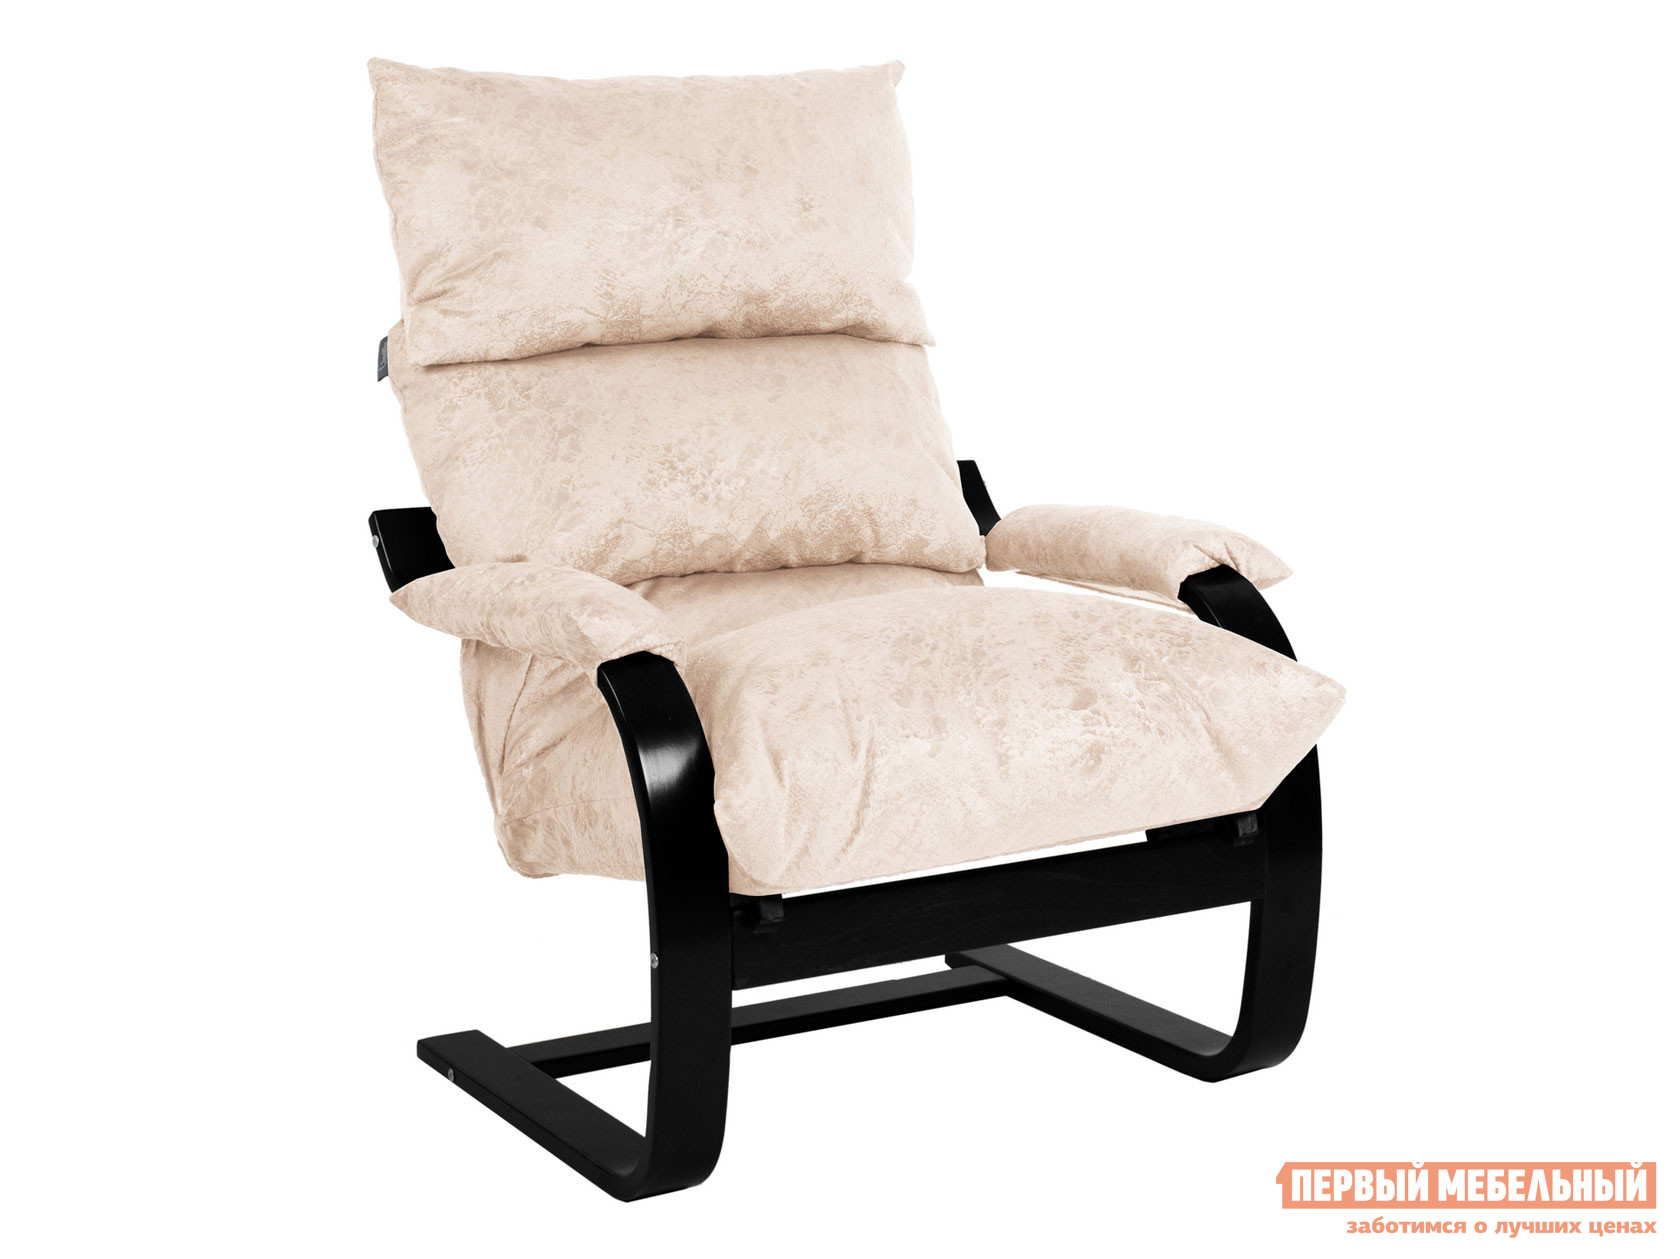 Кресло  Кресло Онега 1 Венге Структура, Велюр Карамель